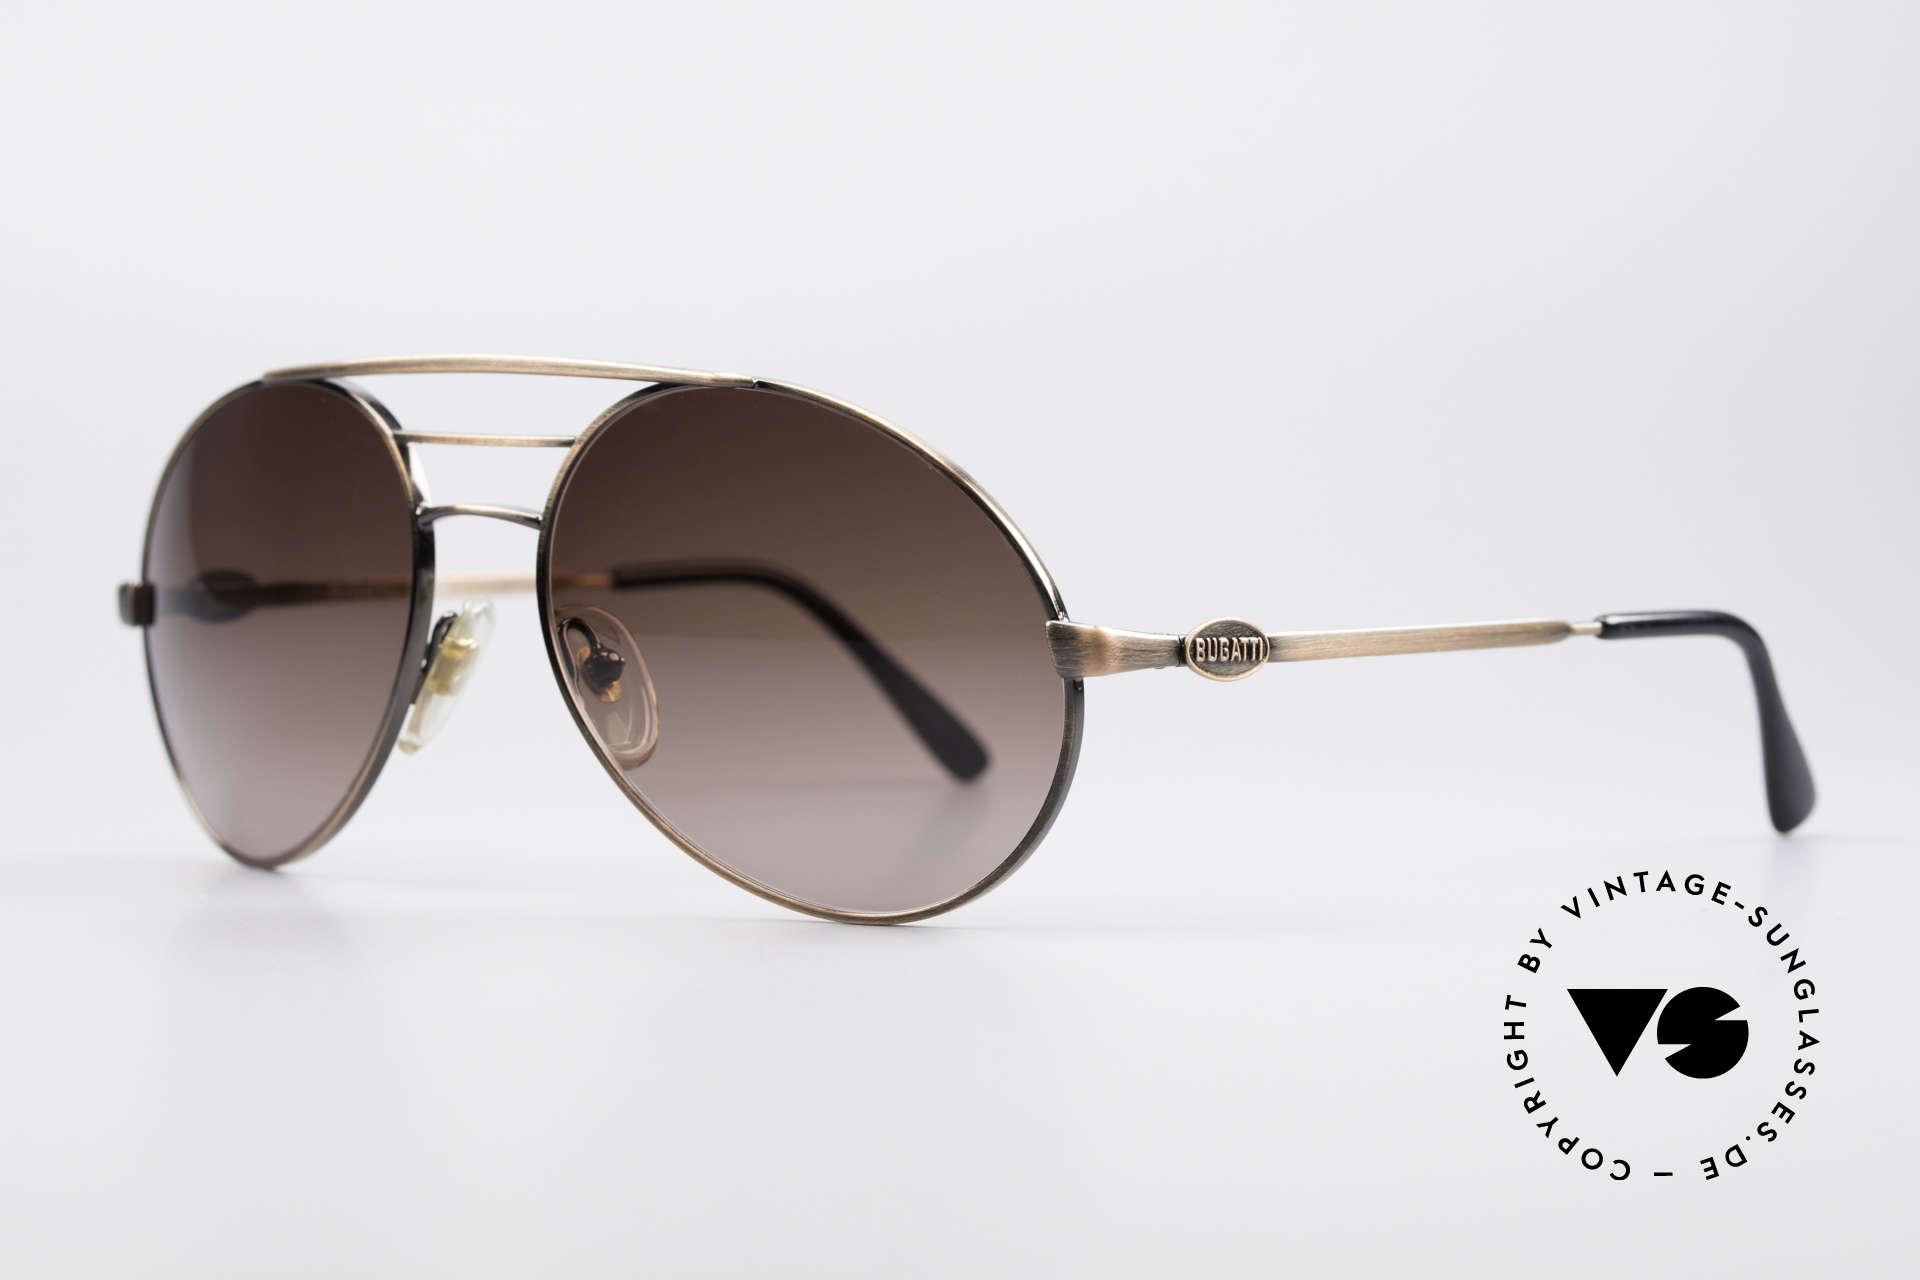 Bugatti 65090 Men's 80's Designer Shades, perfect gentlemen's vintage shades (masculine design), Made for Men